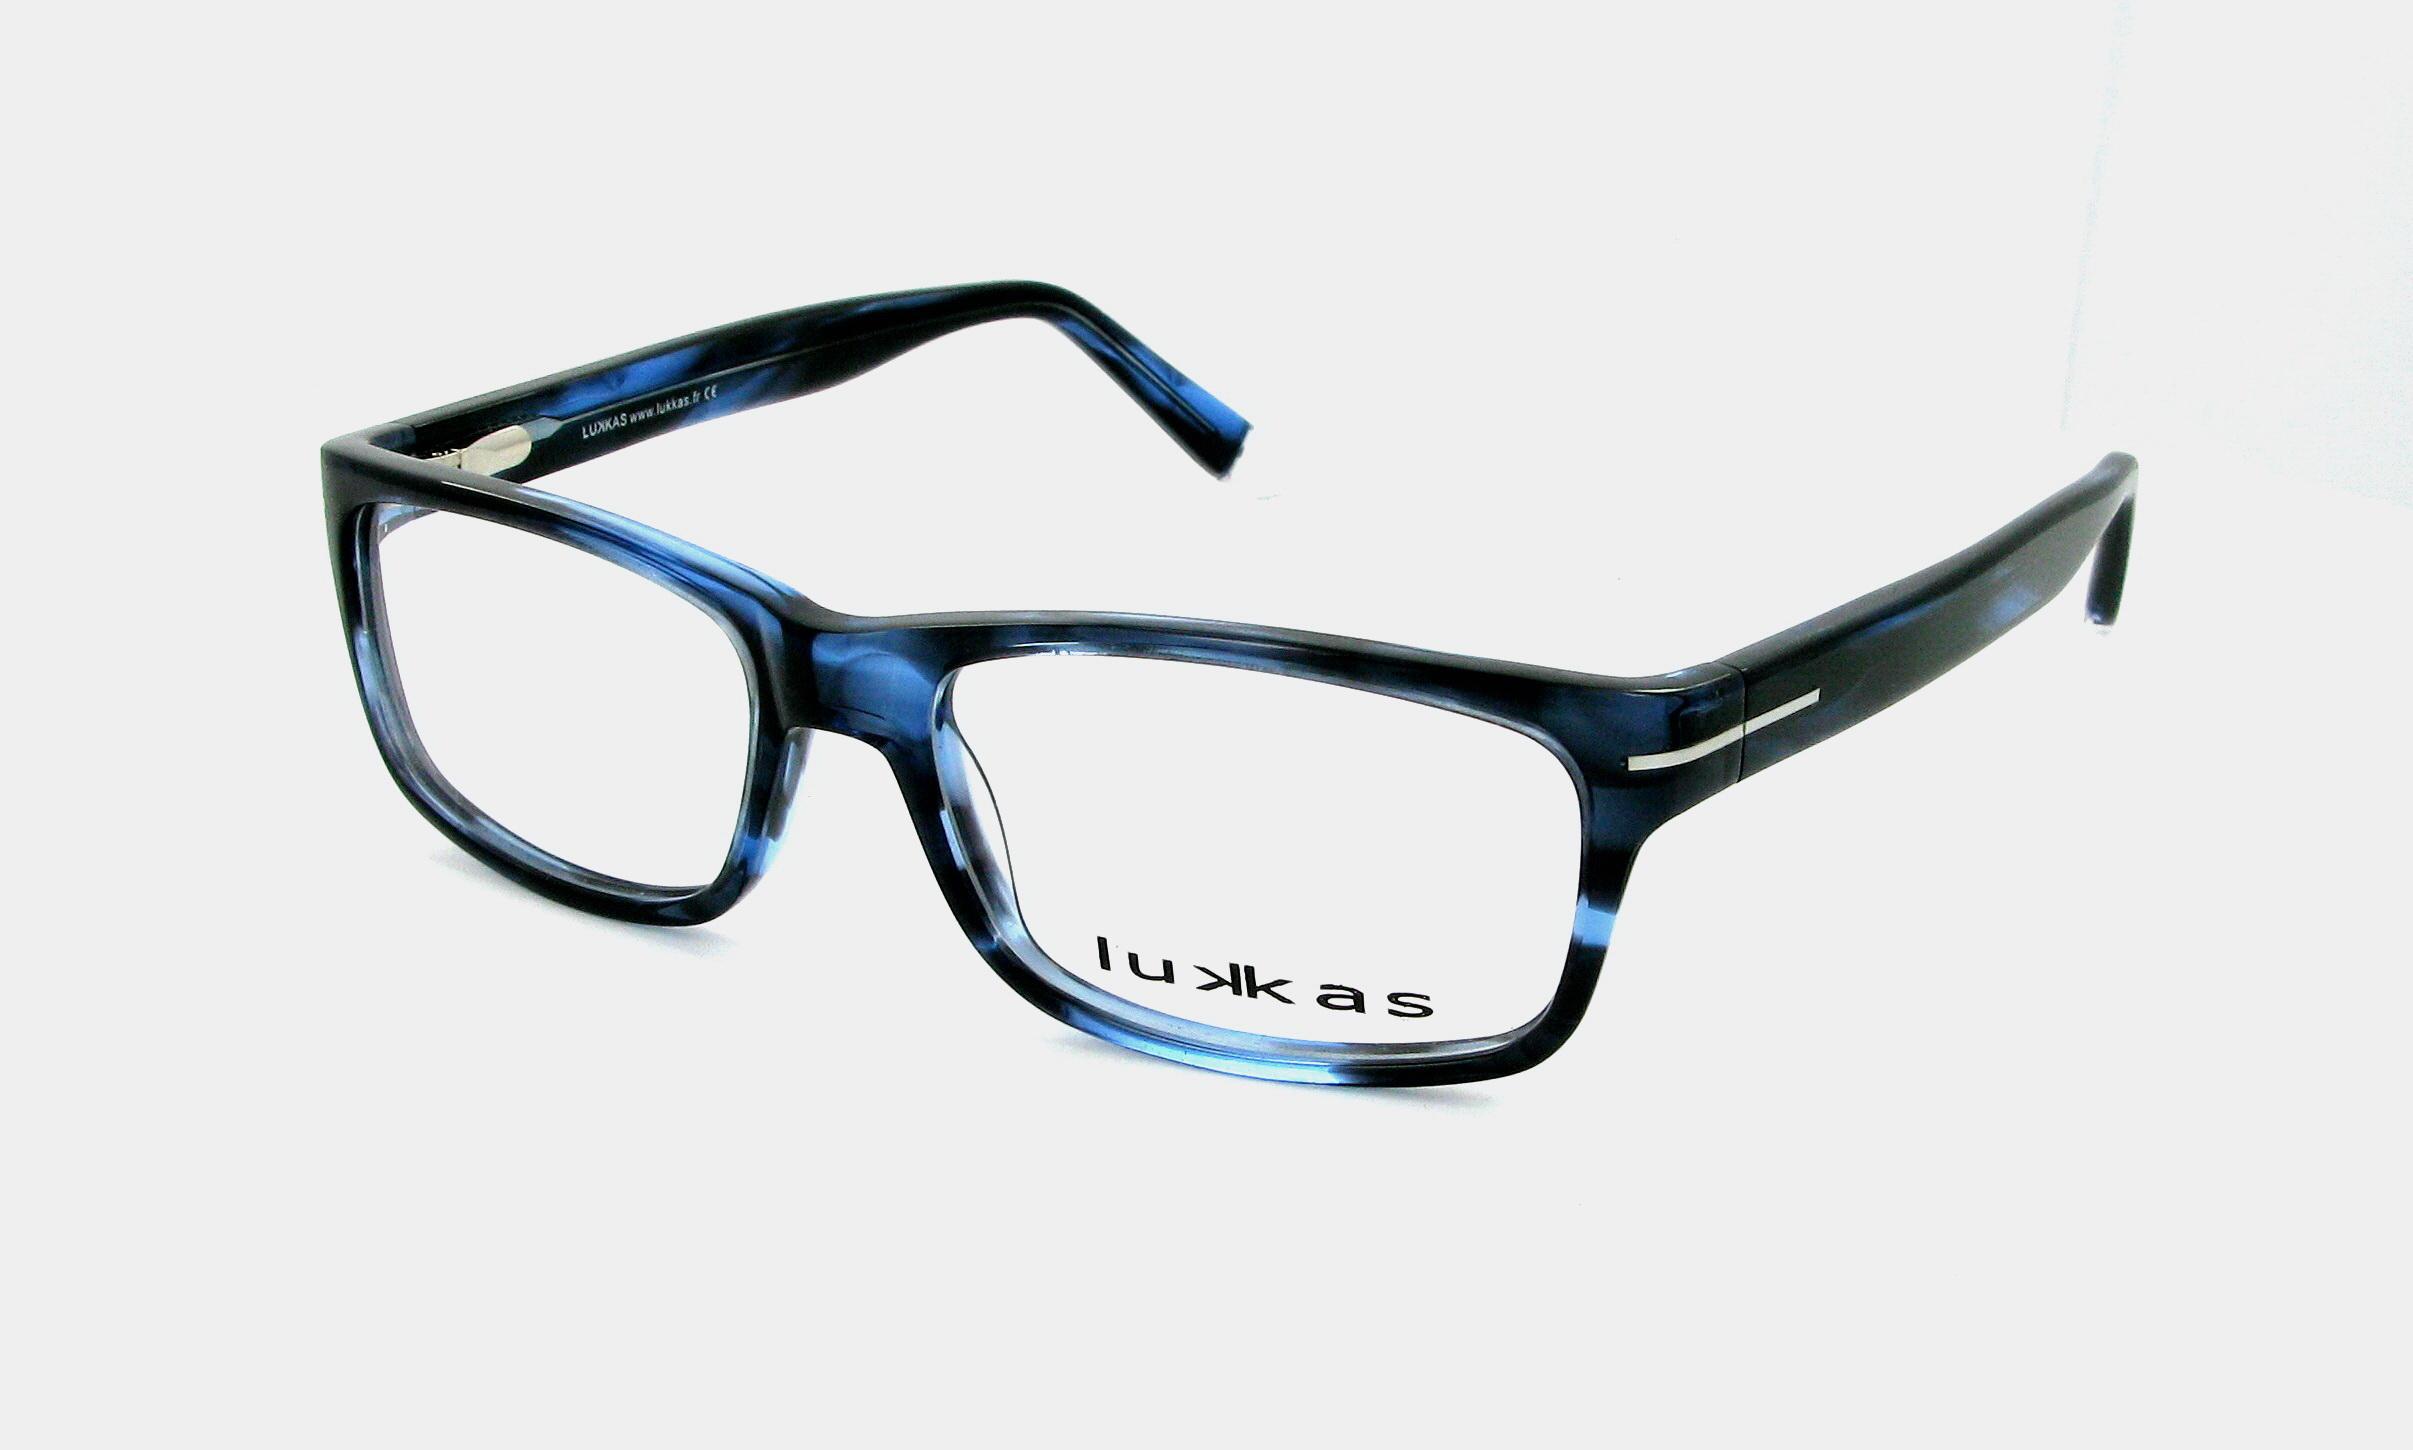 lunettes de vue 0mmx0mm 0. Black Bedroom Furniture Sets. Home Design Ideas